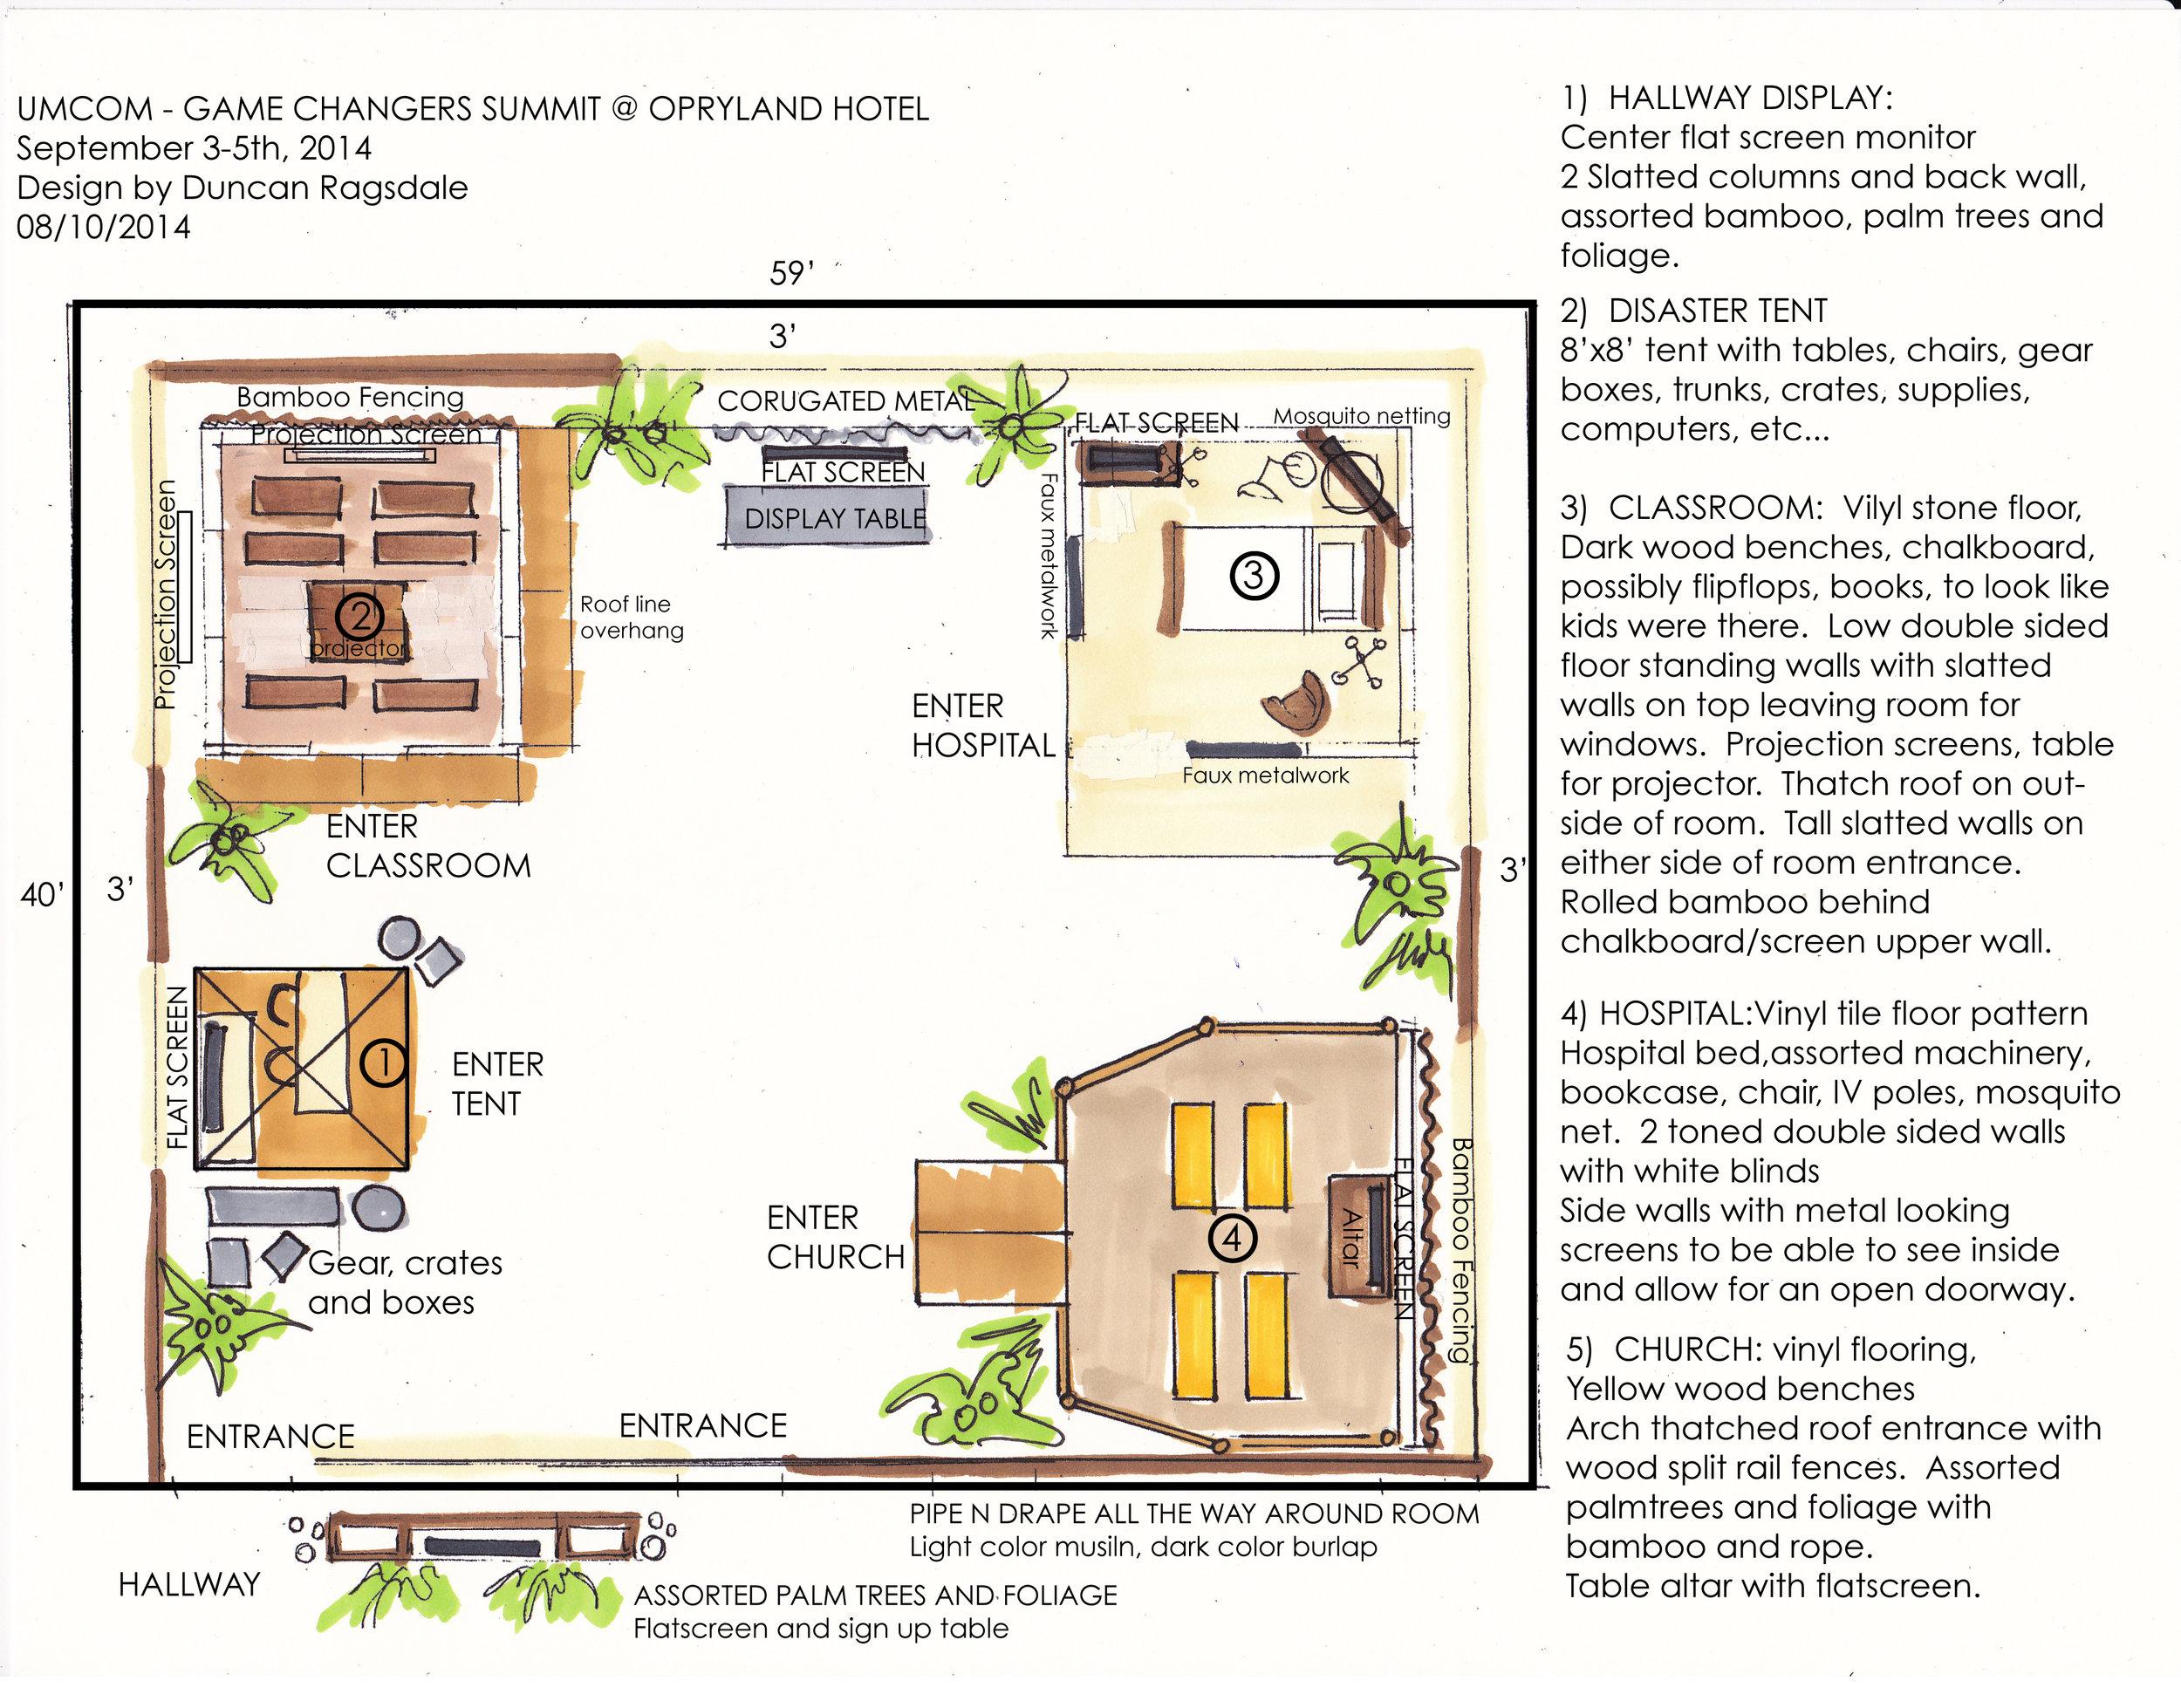 UMCOM Conf 08-10-14.jpg